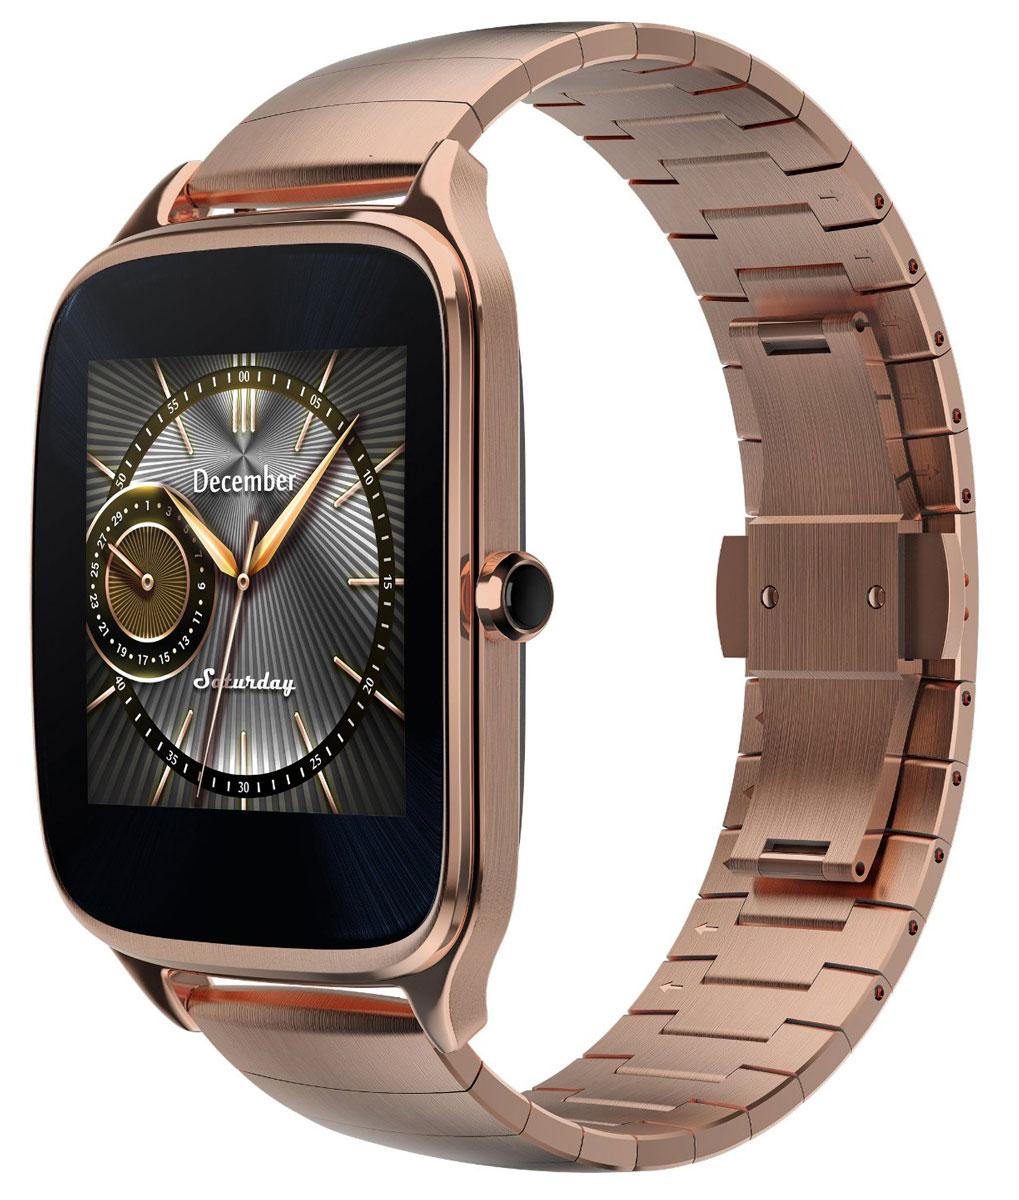 ASUS ZenWatch 2 WI501Q(BQC), Gold смарт-часы4712900359732Asus ZenWatch 2 - традиции и инновации в одном стильном устройстве.ZenWatch 2 - это стильные часы с мощной функциональностью. Корпус часов изготавливается из высококачественной нержавеющей стали.Отражая традиционный дизайн часов, на корпусе ZenWatch 2 имеется металлическая кнопка, которая используется в качестве элемента управления.Помимо 60 стандартных циферблатов можно создавать свои собственные варианты оформления экрана часов с помощью приложения FaceDesigner.С помощью часов ZenWatch 2 можно легко обмениваться короткими текстовыми сообщениями, смайликами и рисунками с друзьями и близкими.Просматривайте важную информацию и реагируйте на нее простым прикосновением к экрану или с помощью голосовой команды.Встроенный в часы шагомер обладает высокой точностью, позволяя пользователю следить за своей физической активностью и прогрессом в достижении фитнес-целей. Также имеется функция мониторинга сна.Зарядное устройство с магнитным разъемом ускоряет подзарядку по сравнению с оригинальными часами ZenWatch. Заряд аккумулятора повышается с 0% до 60% всего за 15 минут!Операционная система: Android WearПроцессор: Qualcomm Snapdragon 400 (4 ядра), 1,2 ГГцОперативная память: 512 МБСтекло Corning Gorilla Glass 3